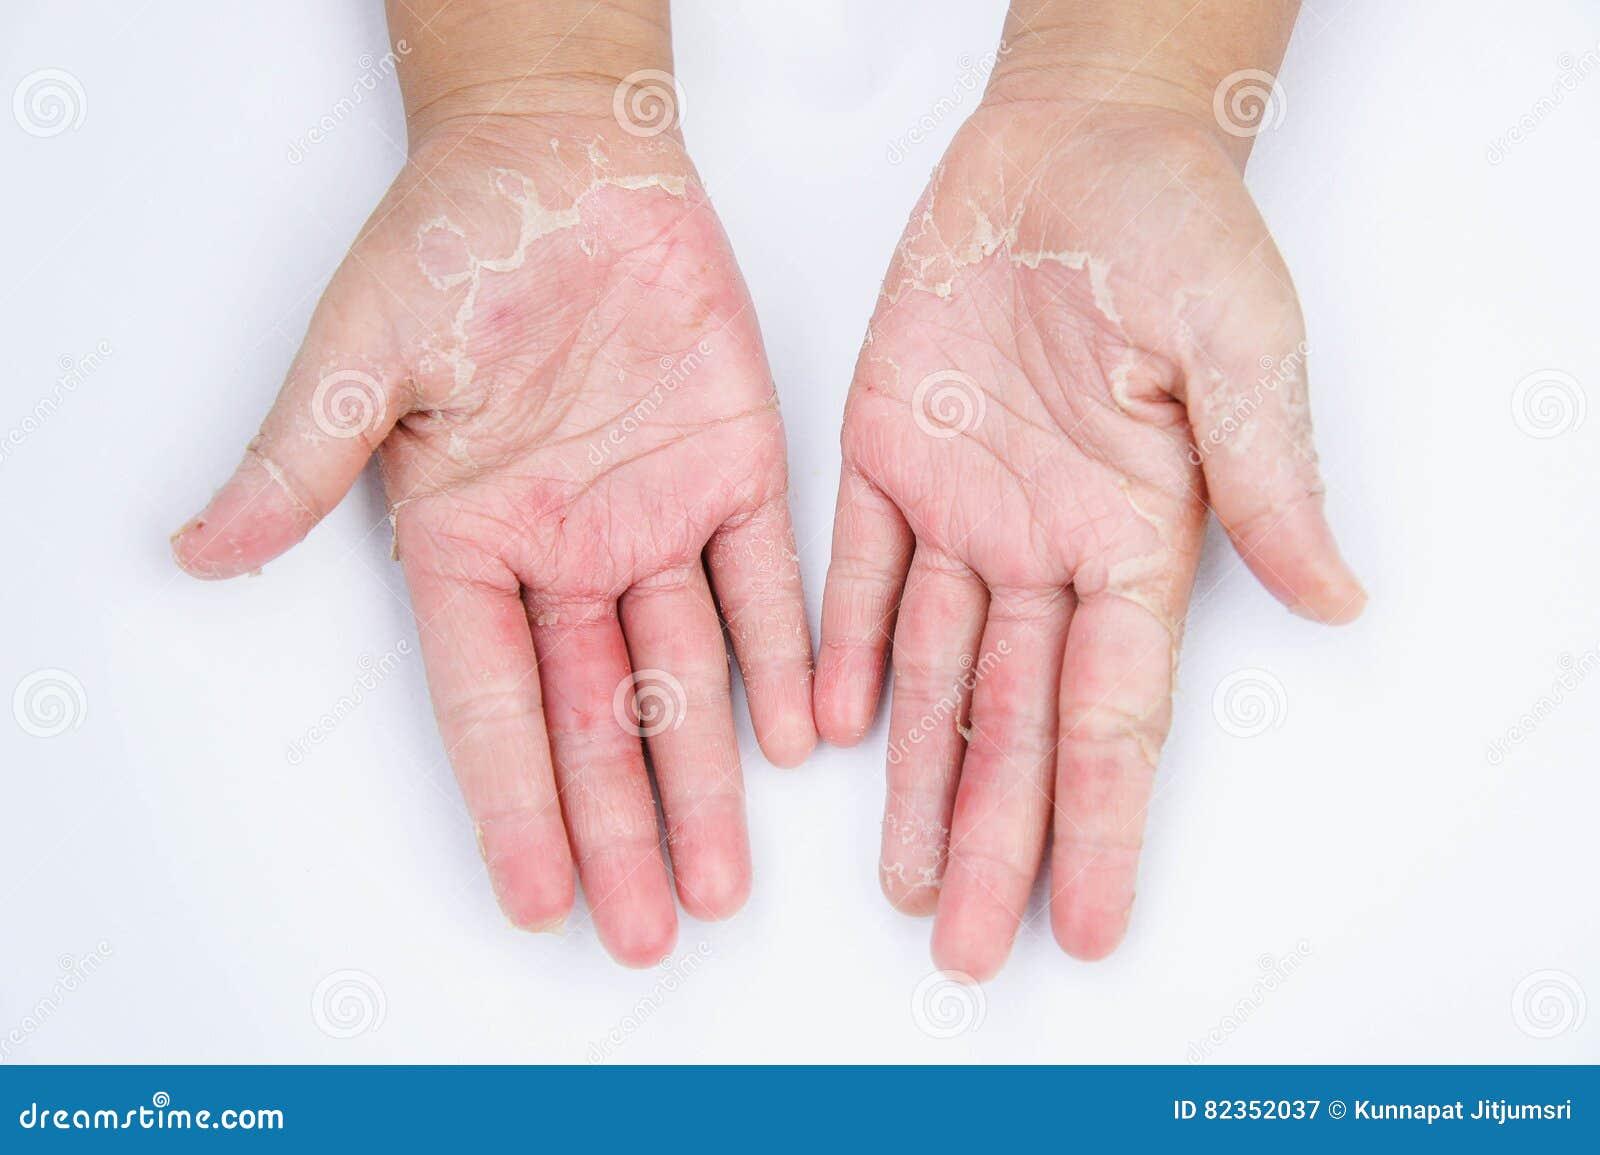 Die trockenen Hände, Schale, Kontaktdermatitis, Mykosen, Haut inf